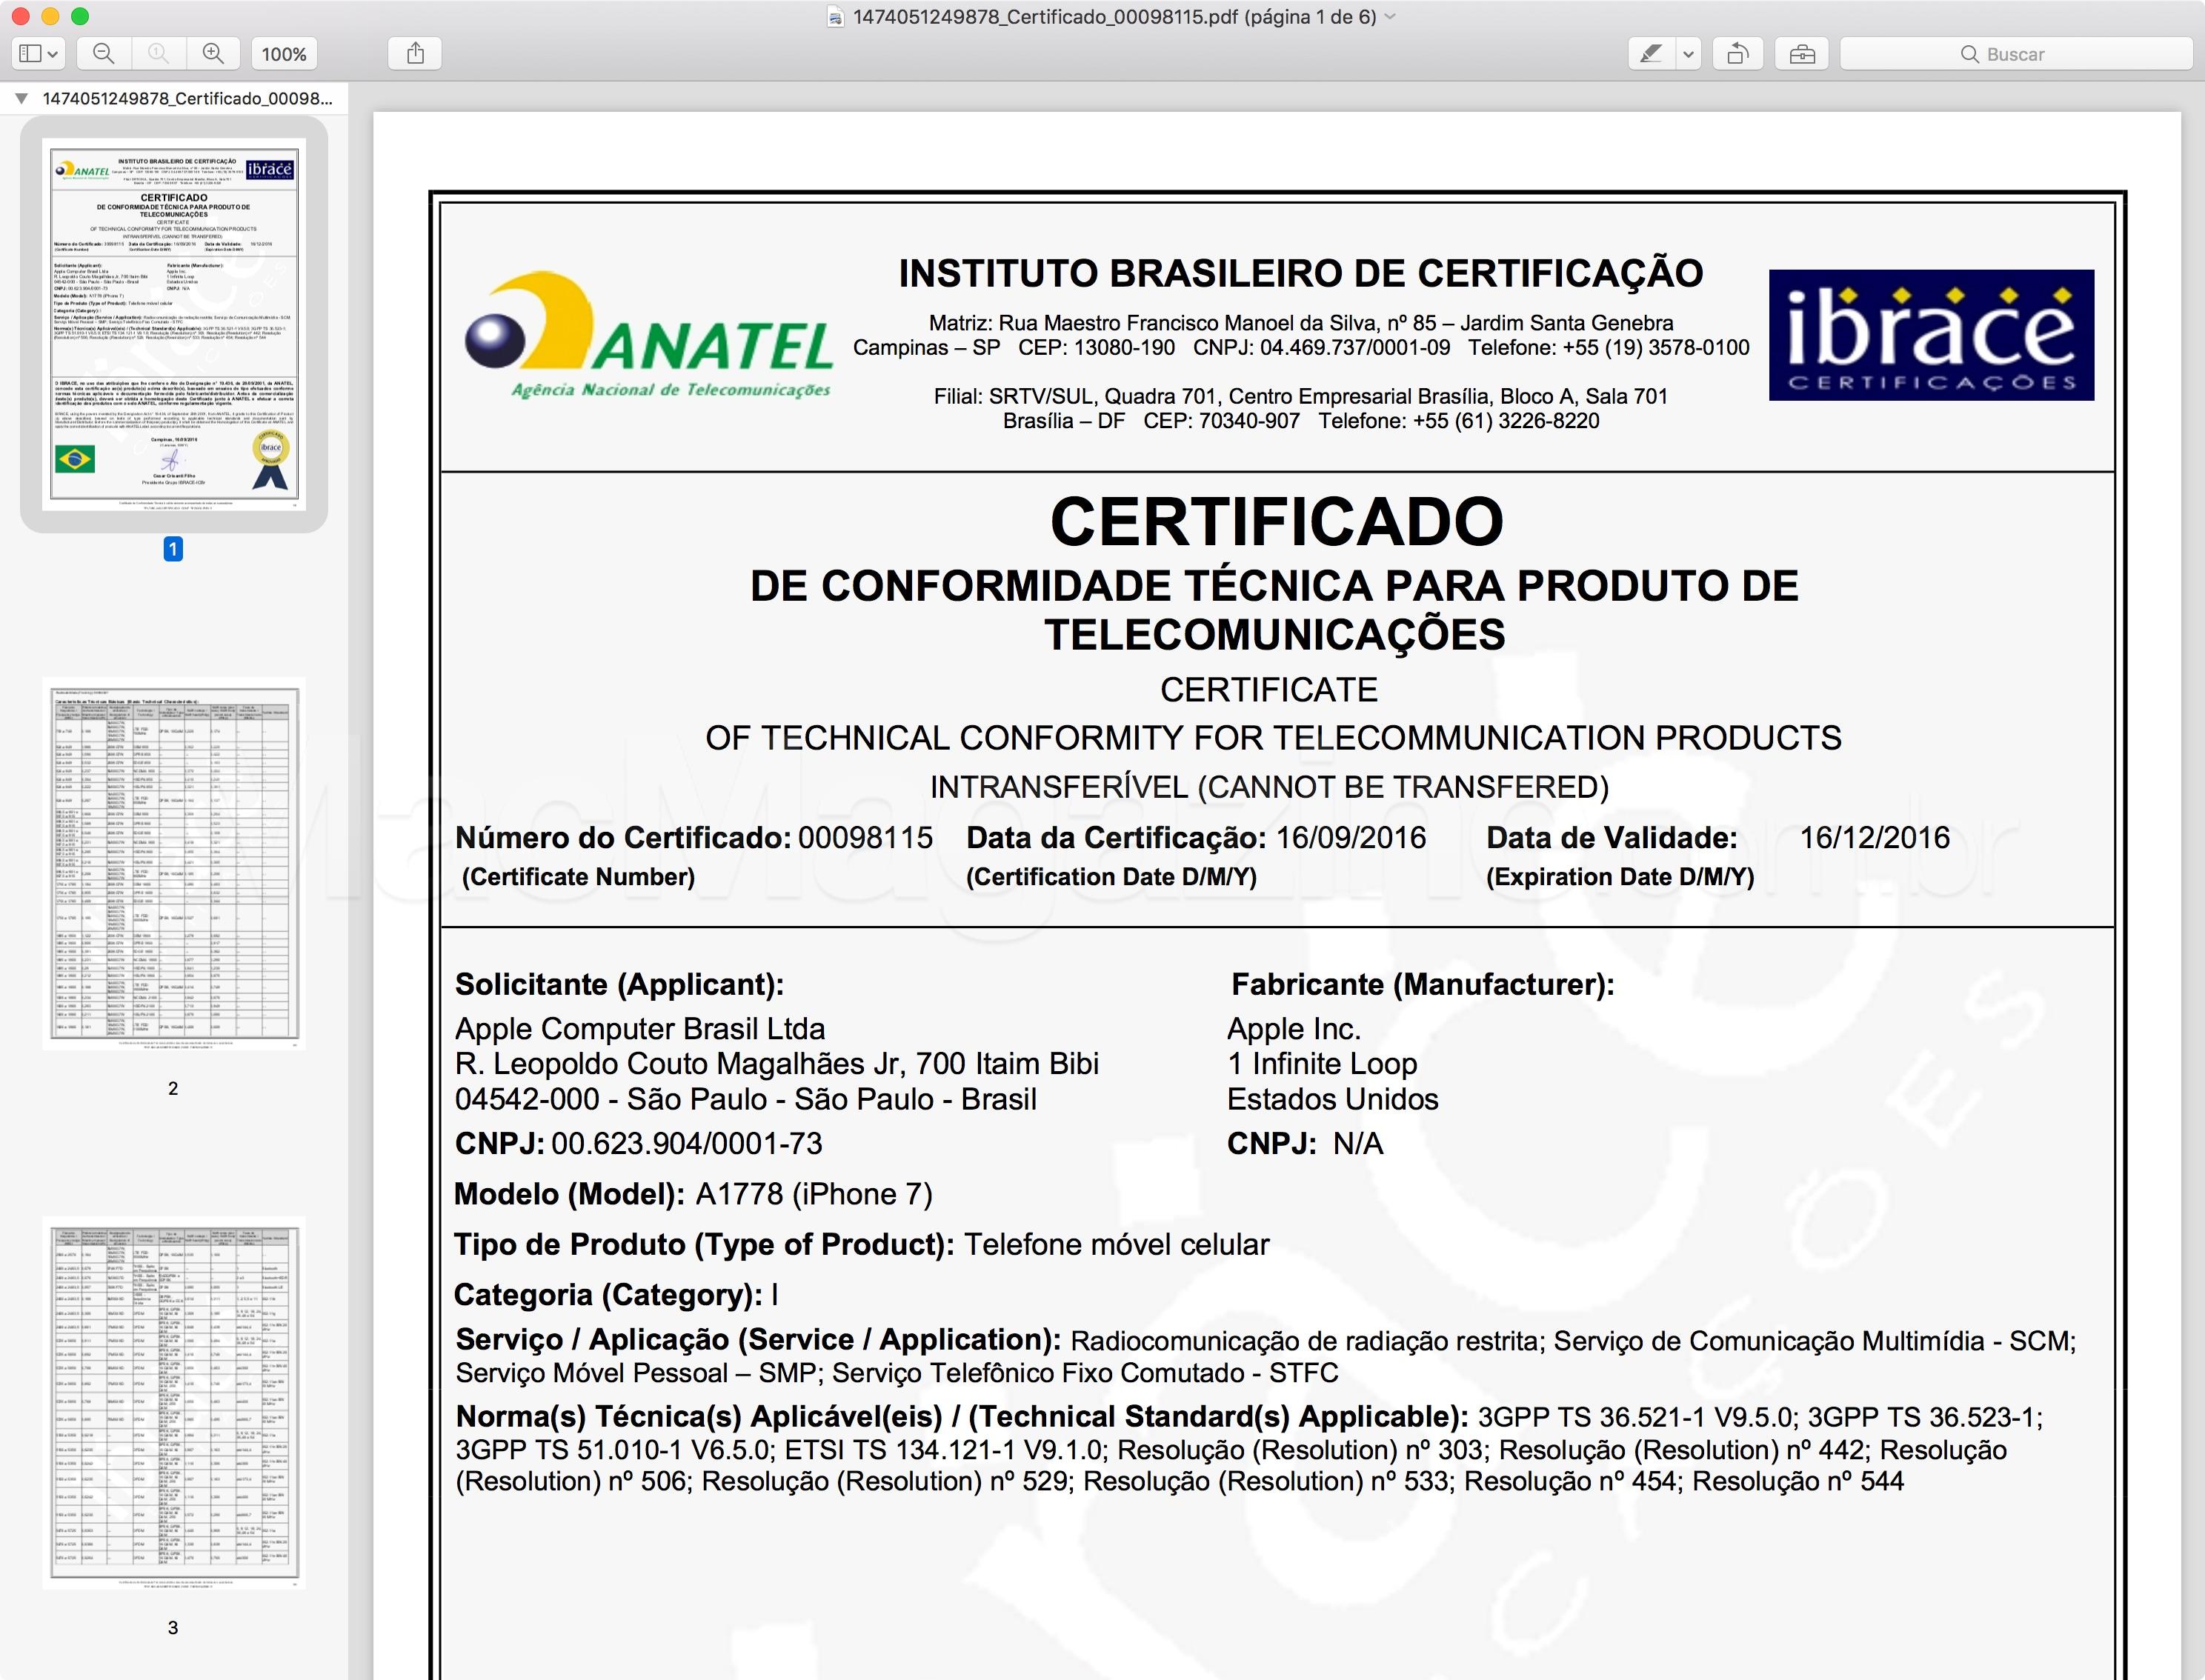 Certificado de Conformidade Técnica do iPhone 7 (A1778)